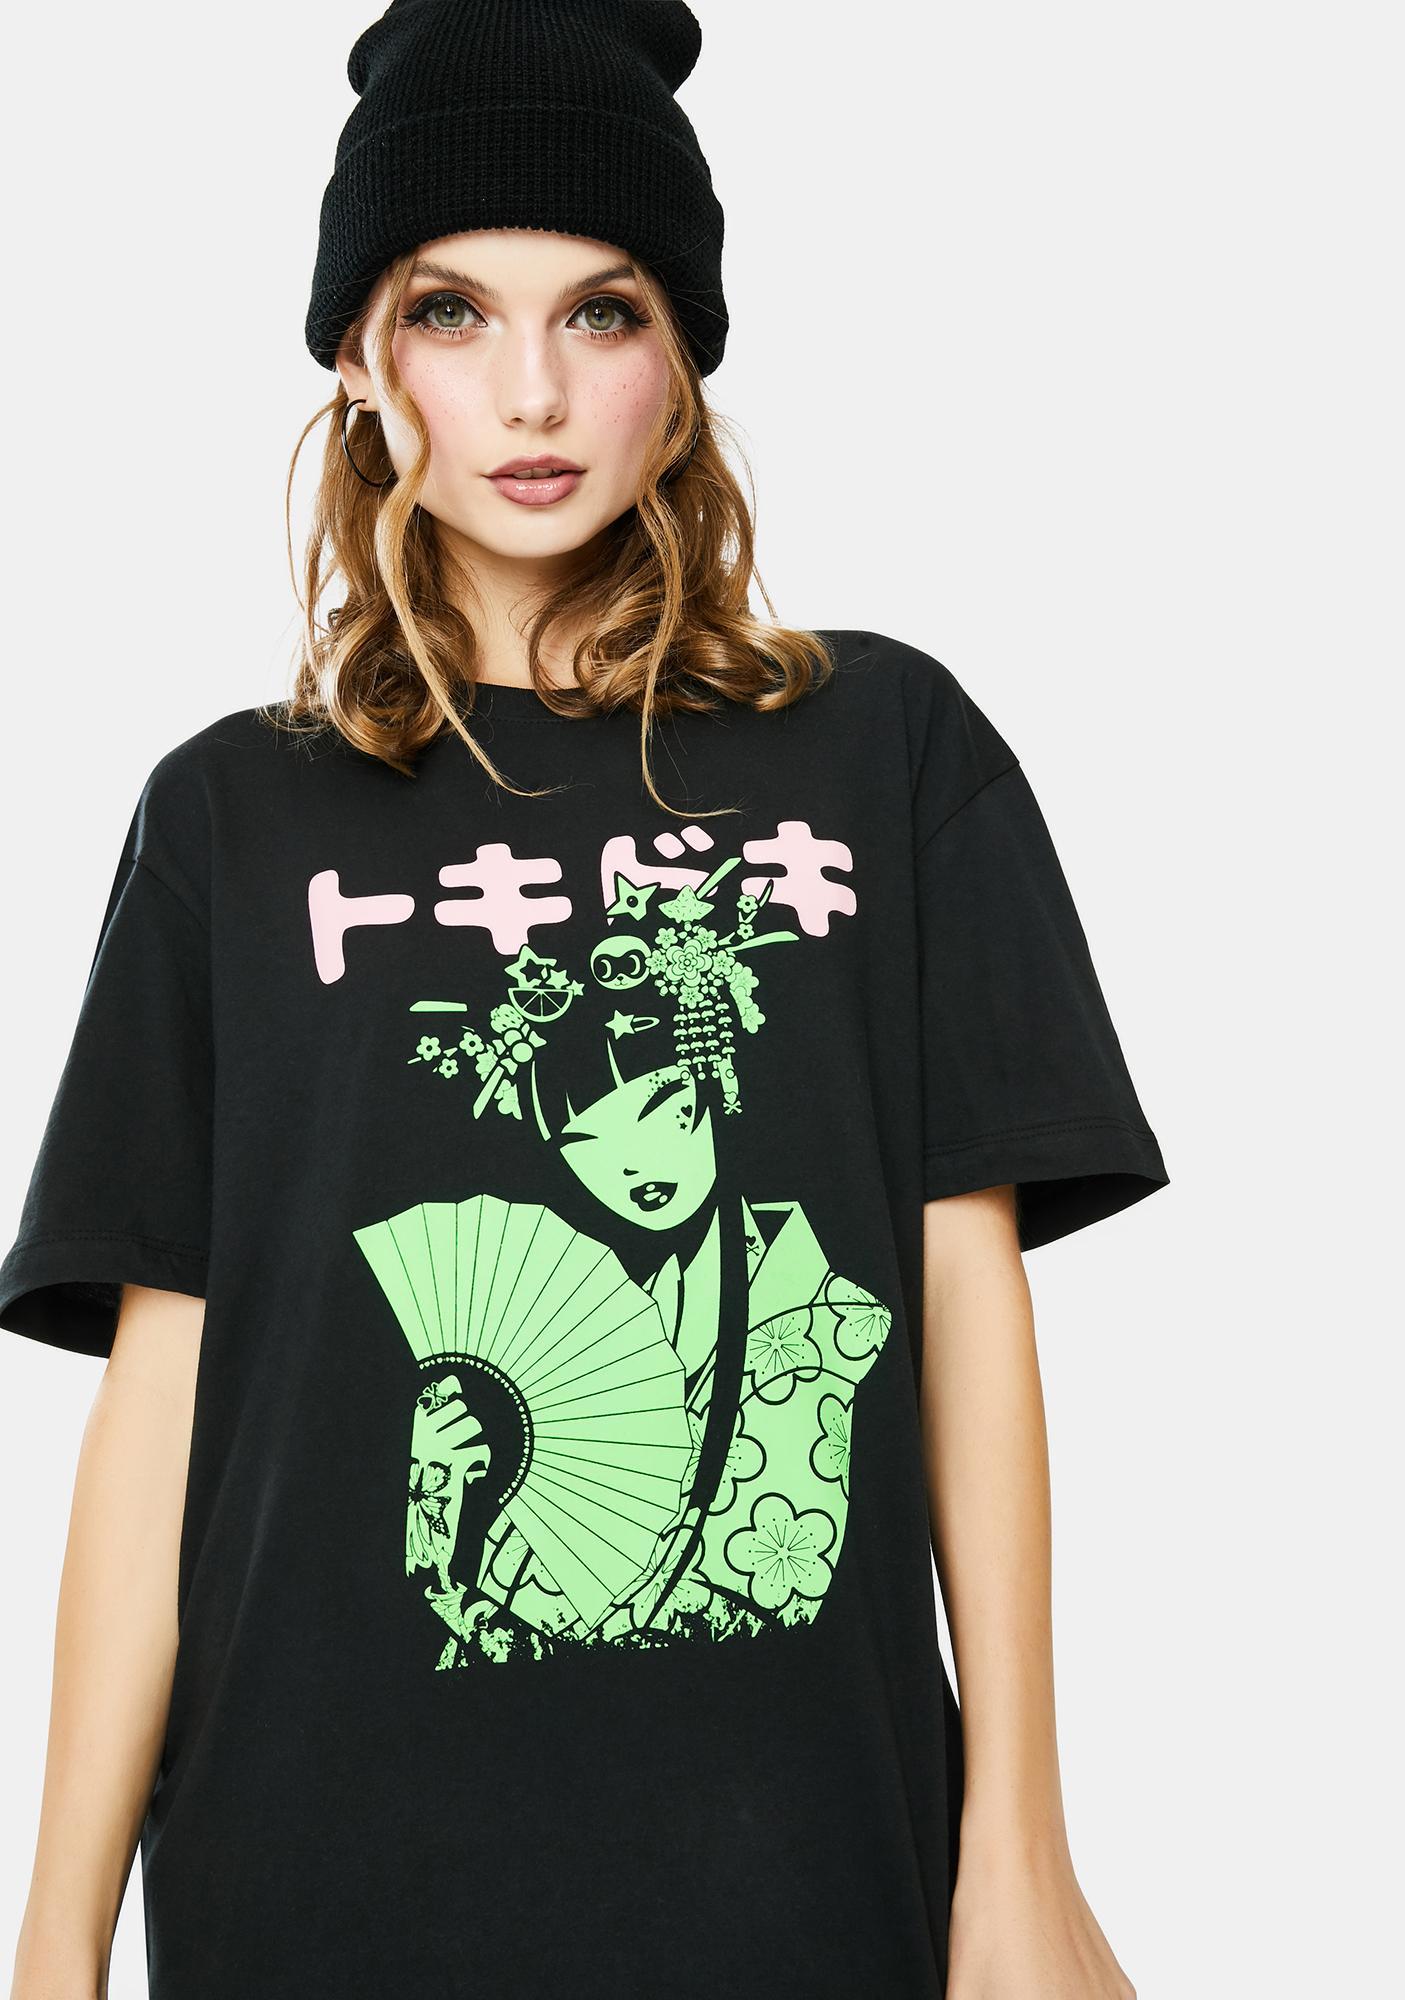 Tokidoki Emerald Nights Graphic Tee